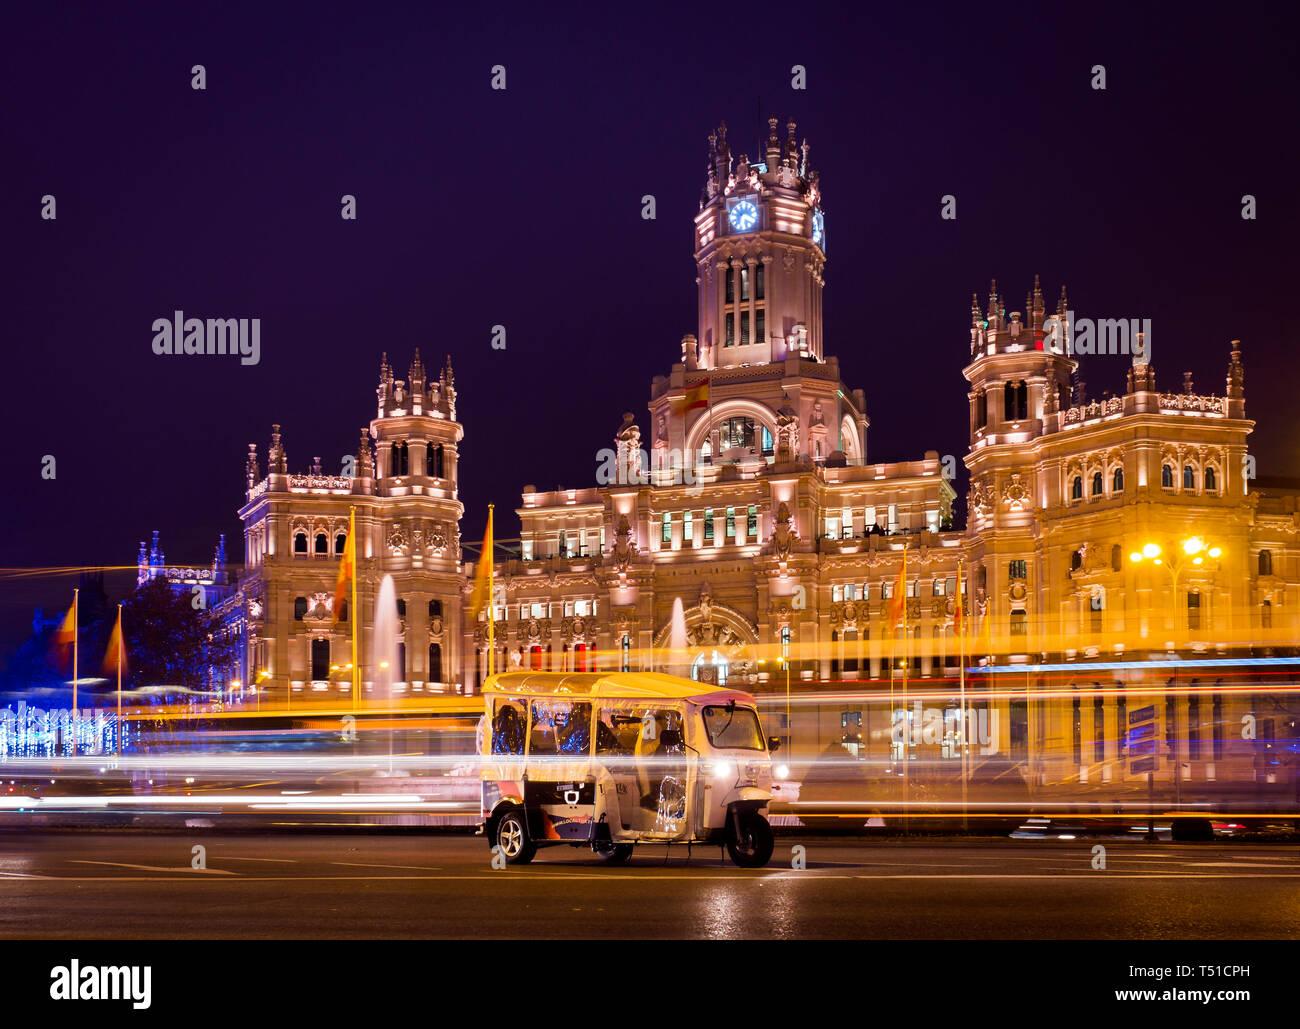 Palacio De Las Comunicaciones O Ayuntamiento De Madrid